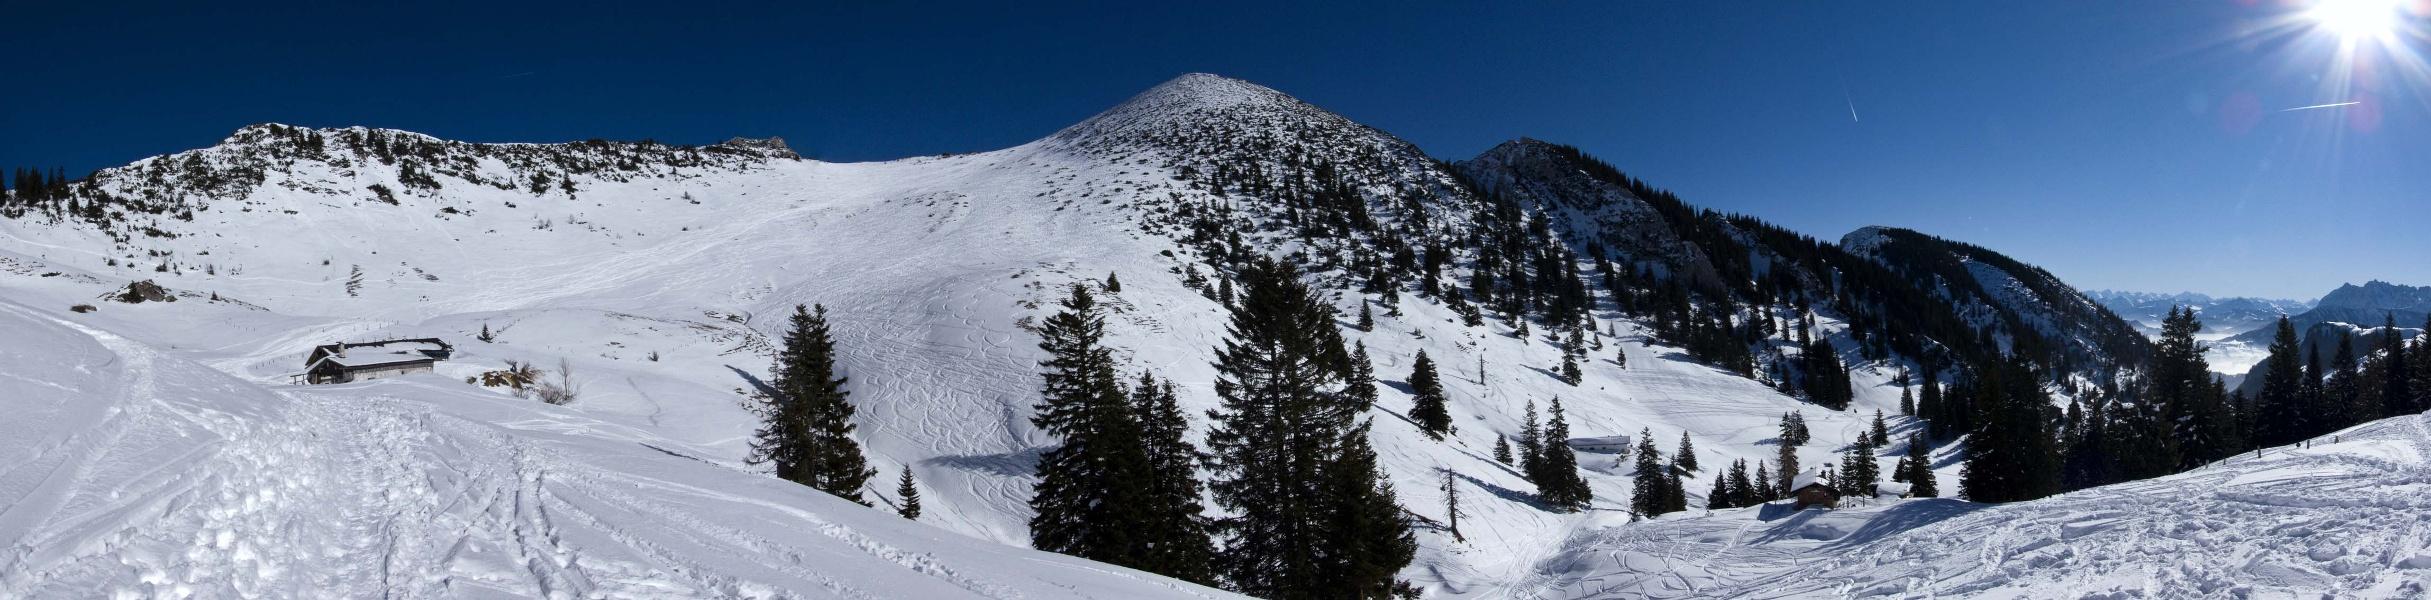 Geigelstein - der Skitourenklassiker des Chiemgaus